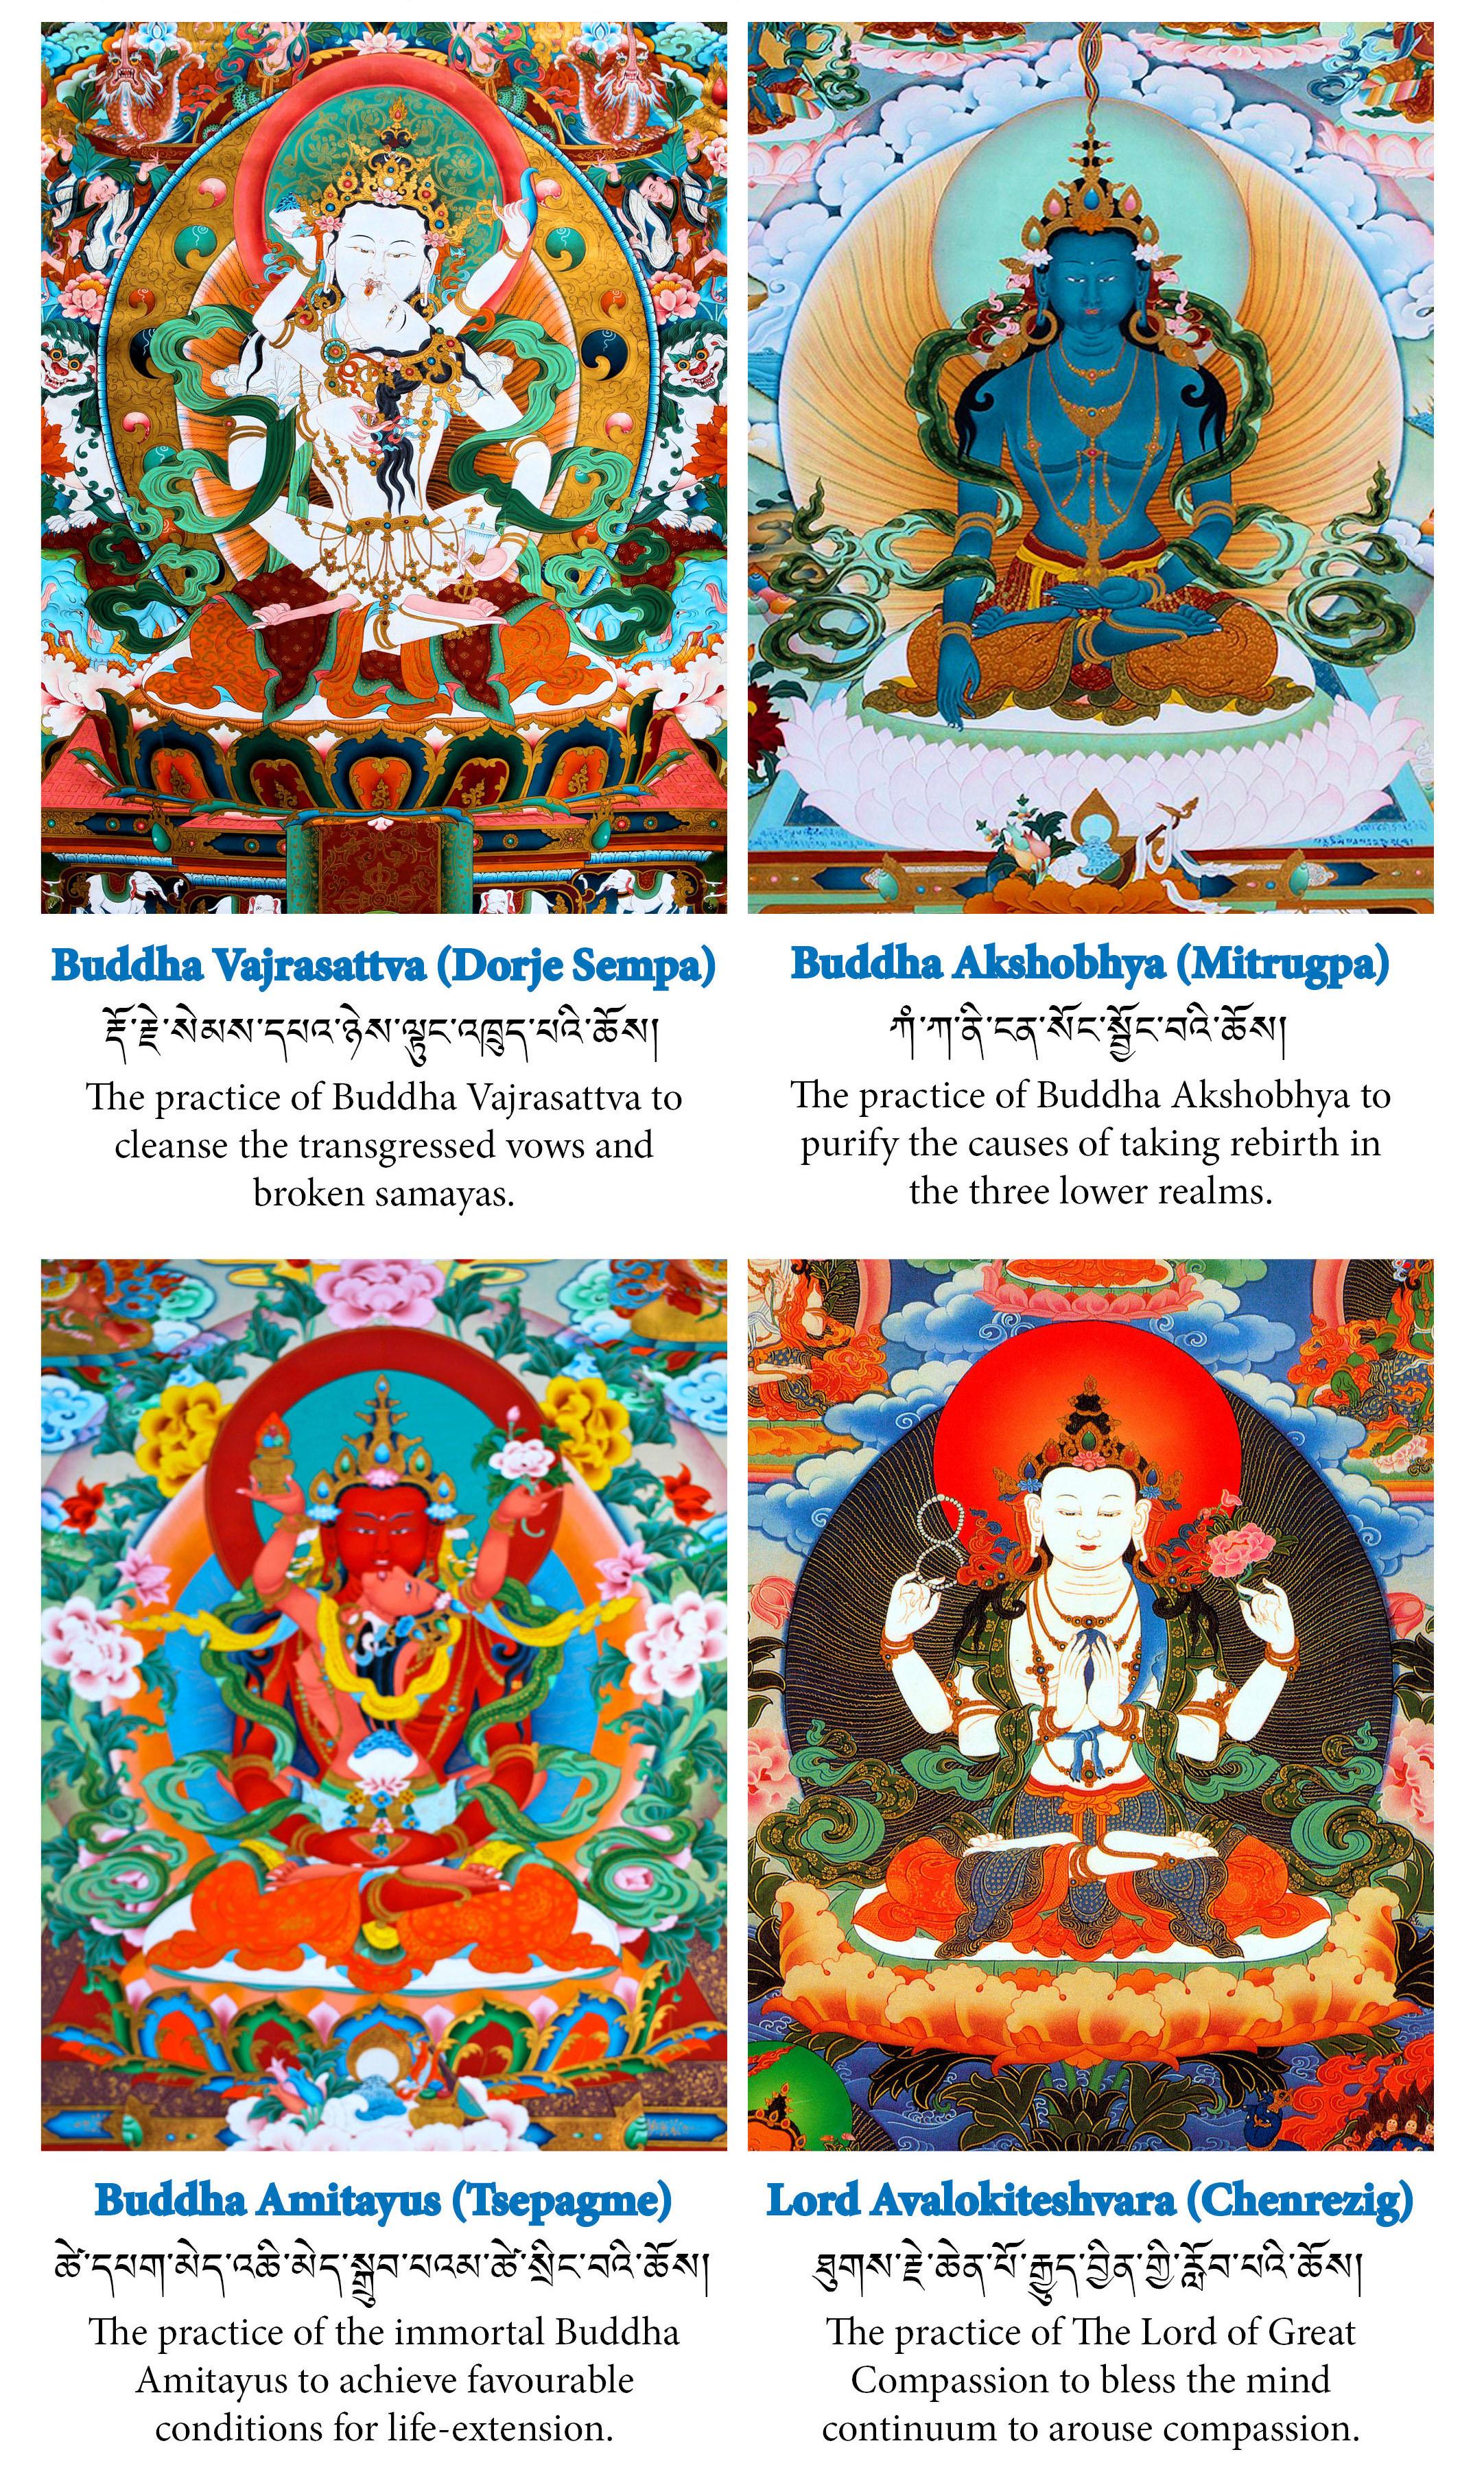 The 4 Deities of Drukpa Kargyu.jpg